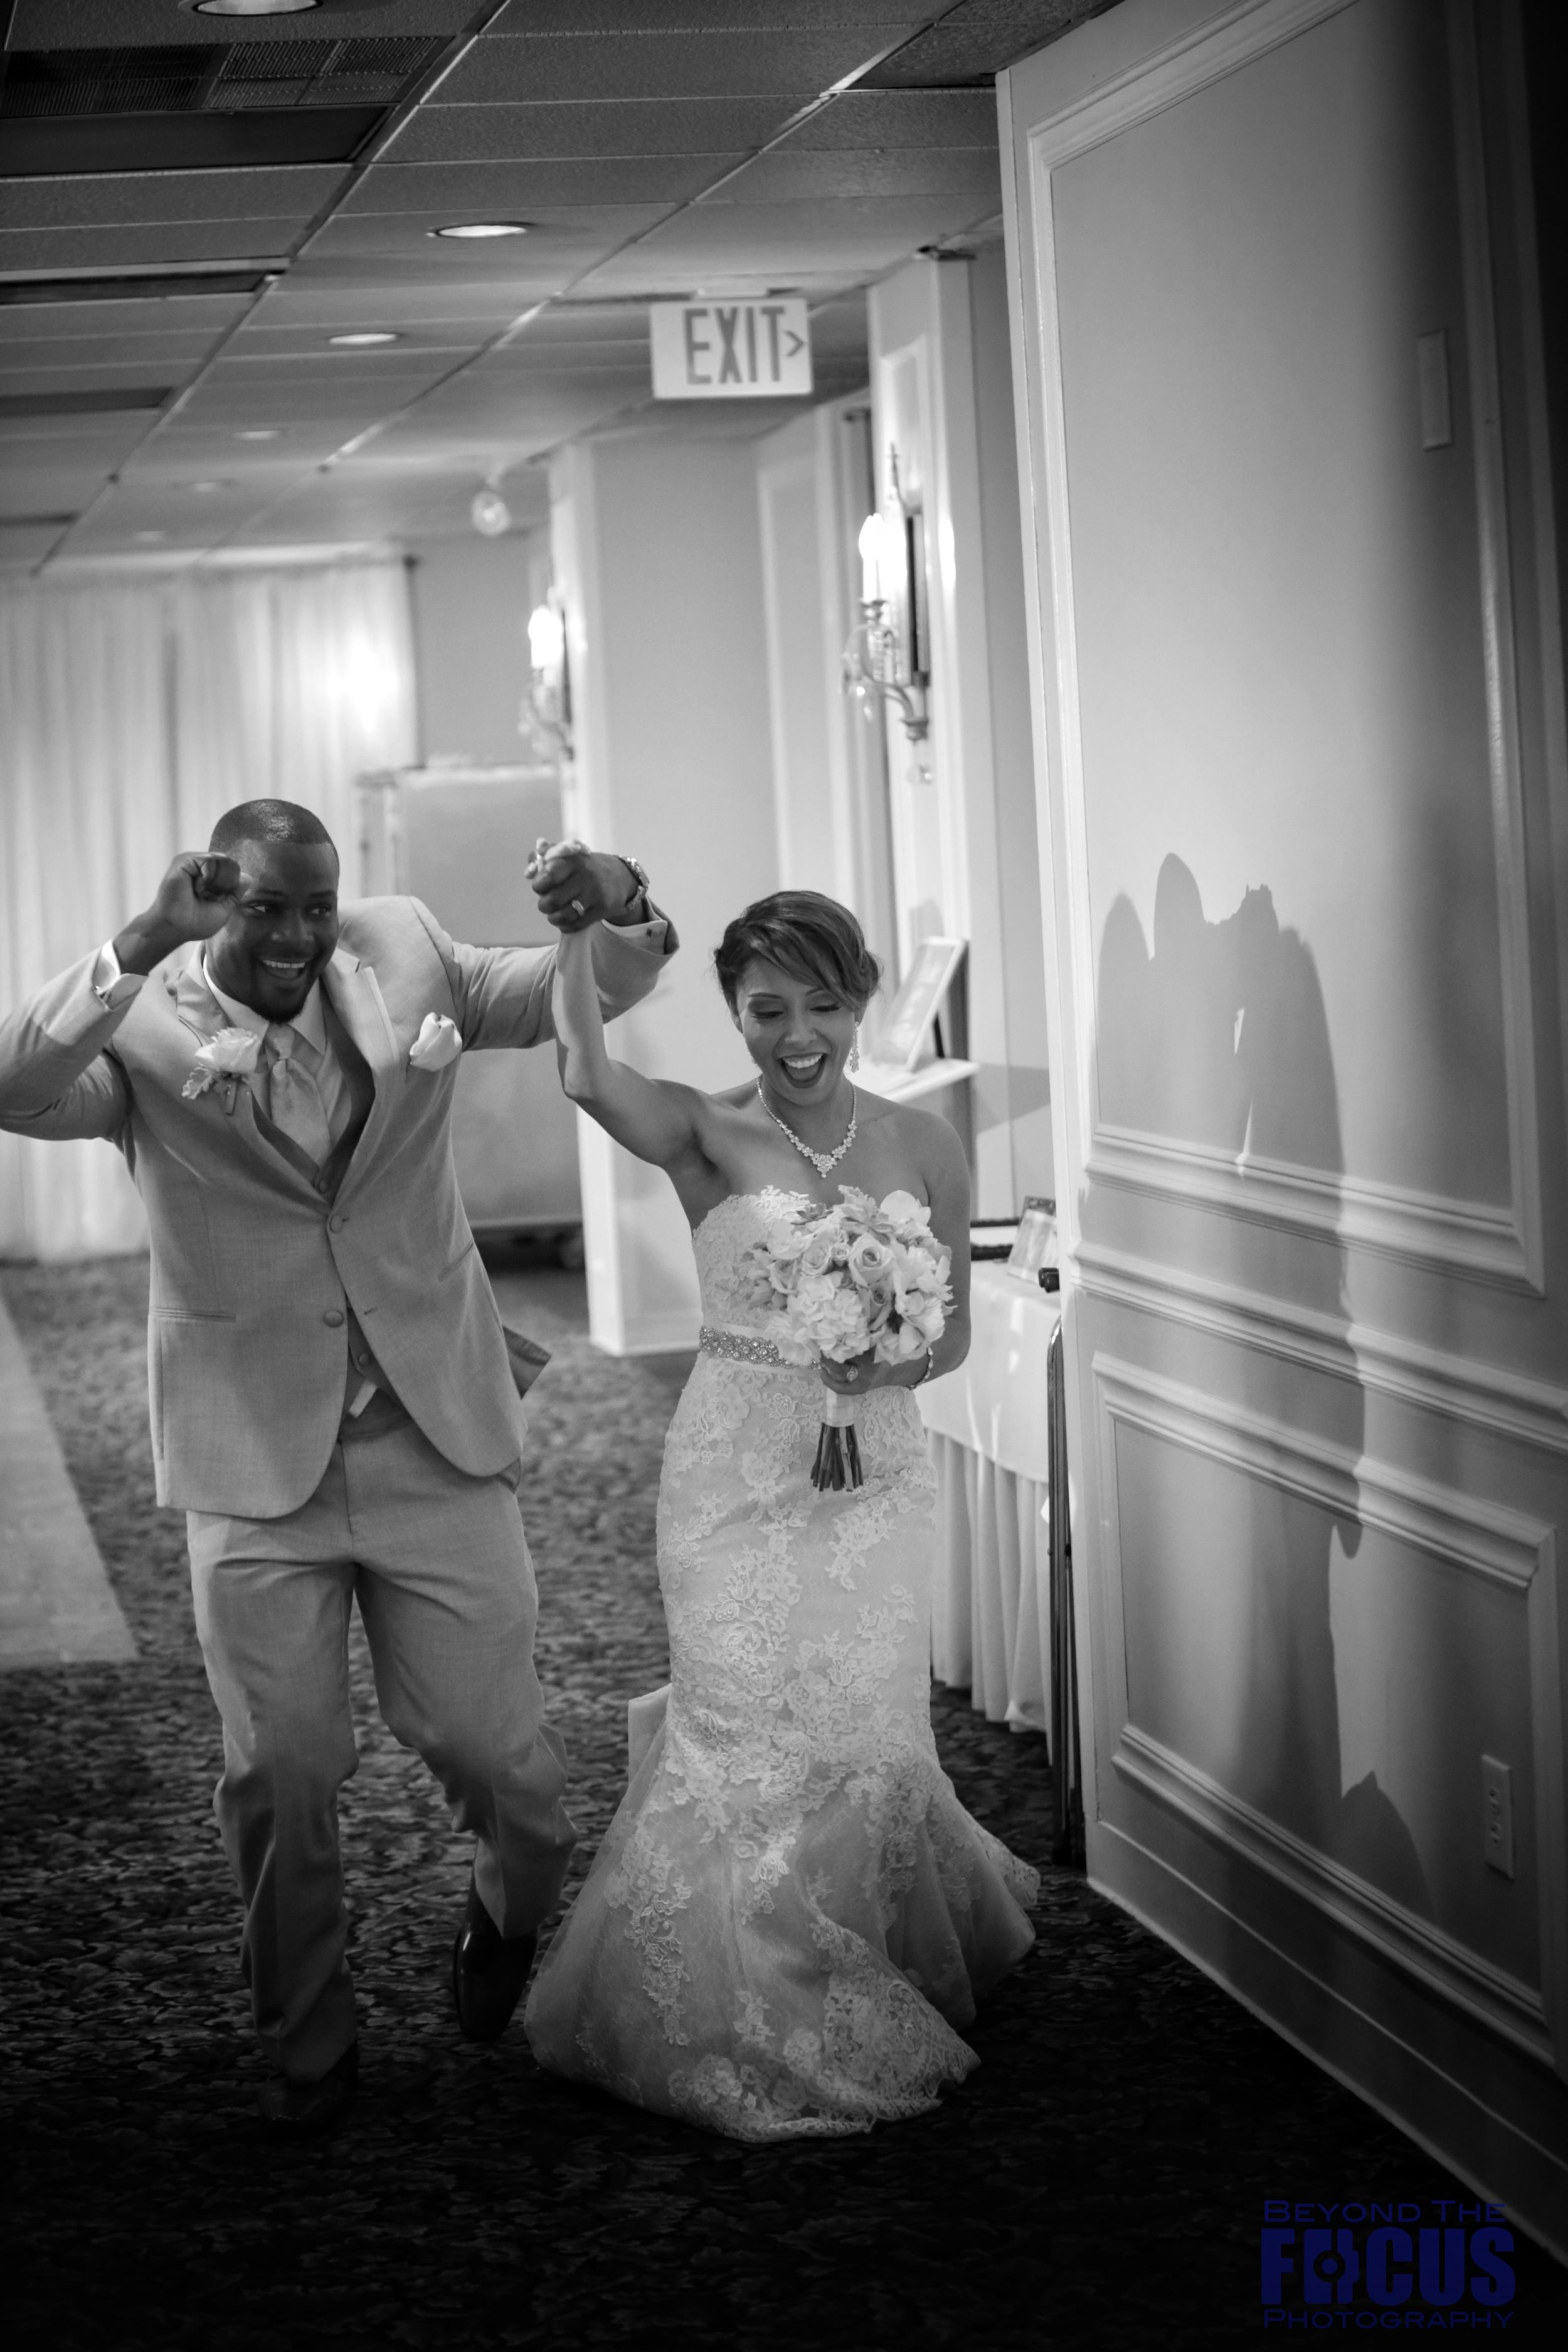 Palmer Wedding - Wedding Reception43.jpg